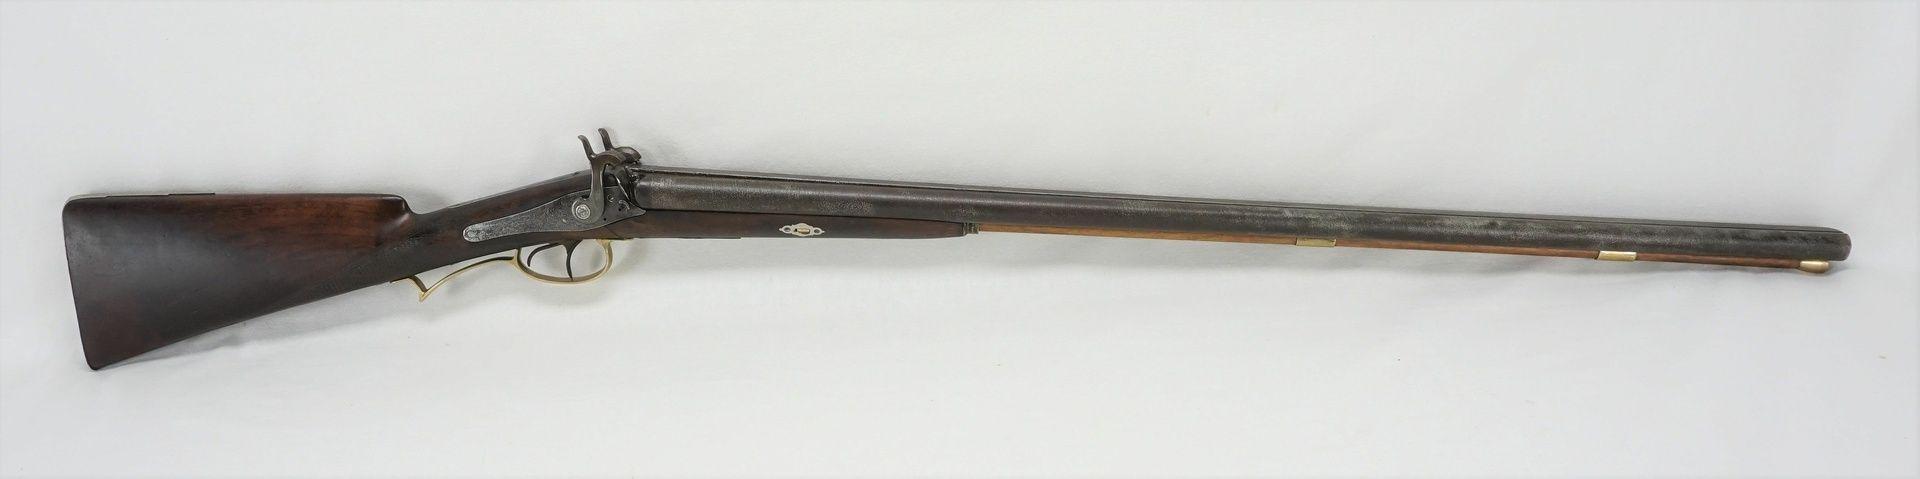 Französische Perkussions-Schrotflinte, um 1850 - Bild 3 aus 6